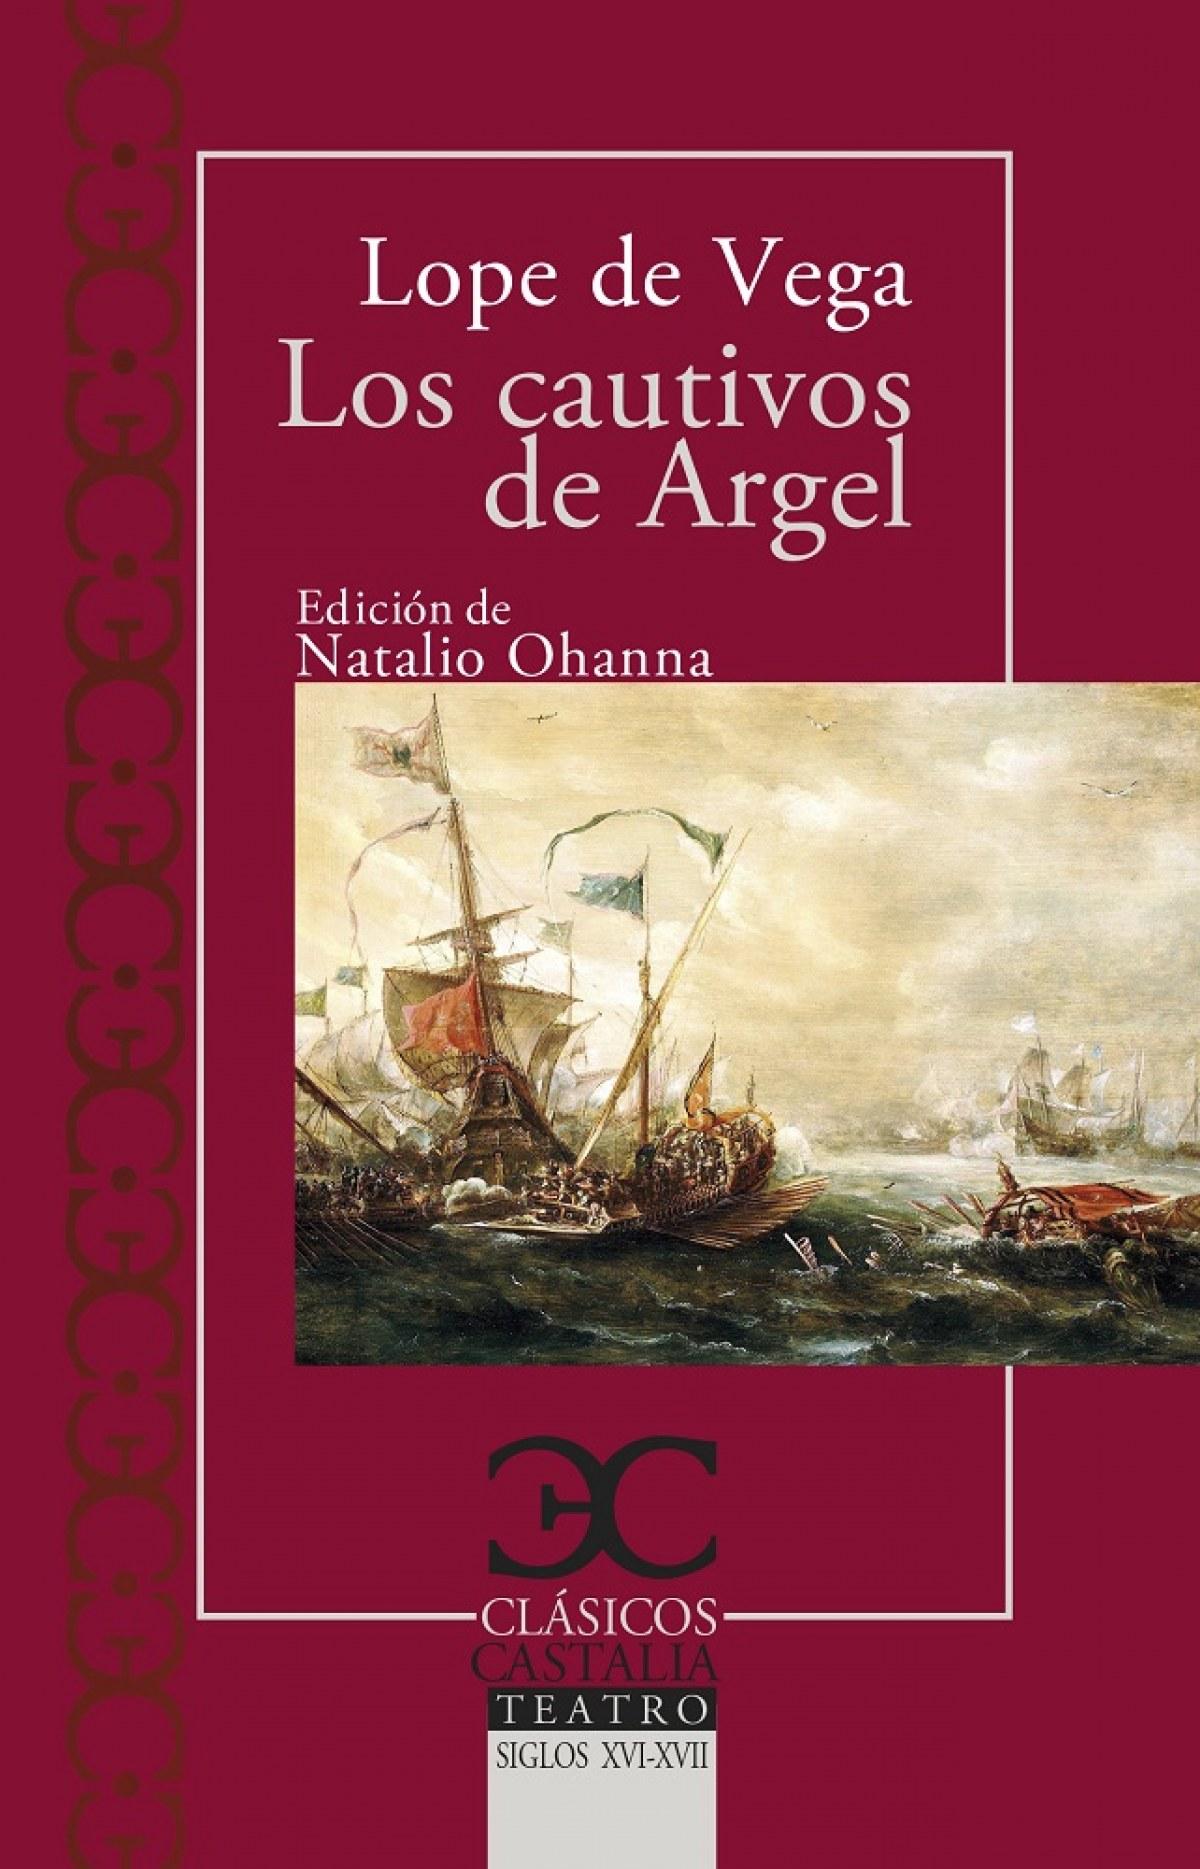 LOS CAUTIVOS DE ARGEL 9788497407892